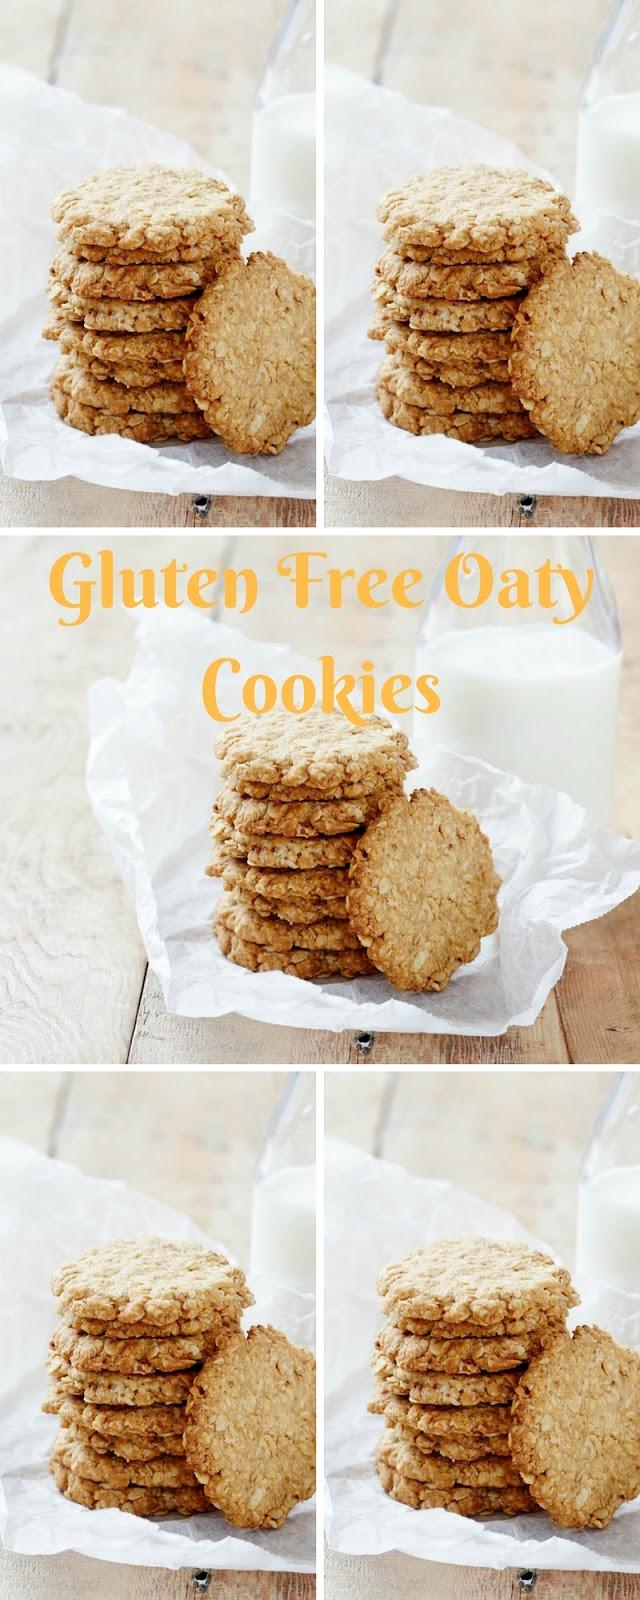 Gluten Free Oaty Cookies (Dairy + Gluten Free)